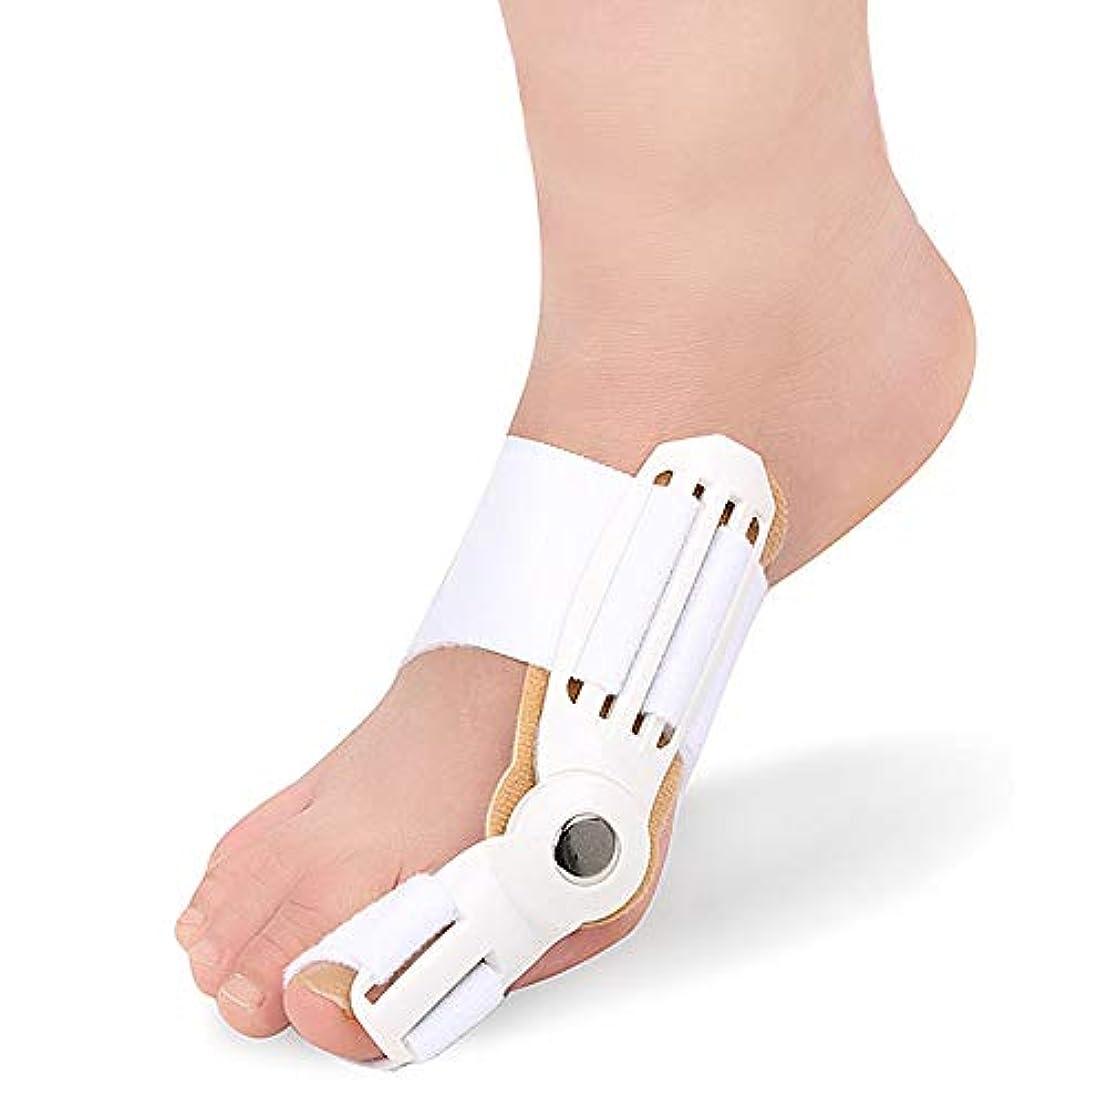 速報起こるアイドルつま先セパレーターは、ヨガのエクササイズ後のつま先重なりの腱板ユニバーサル左右ワンサイズ予防の痛みと変形を防ぎます,白